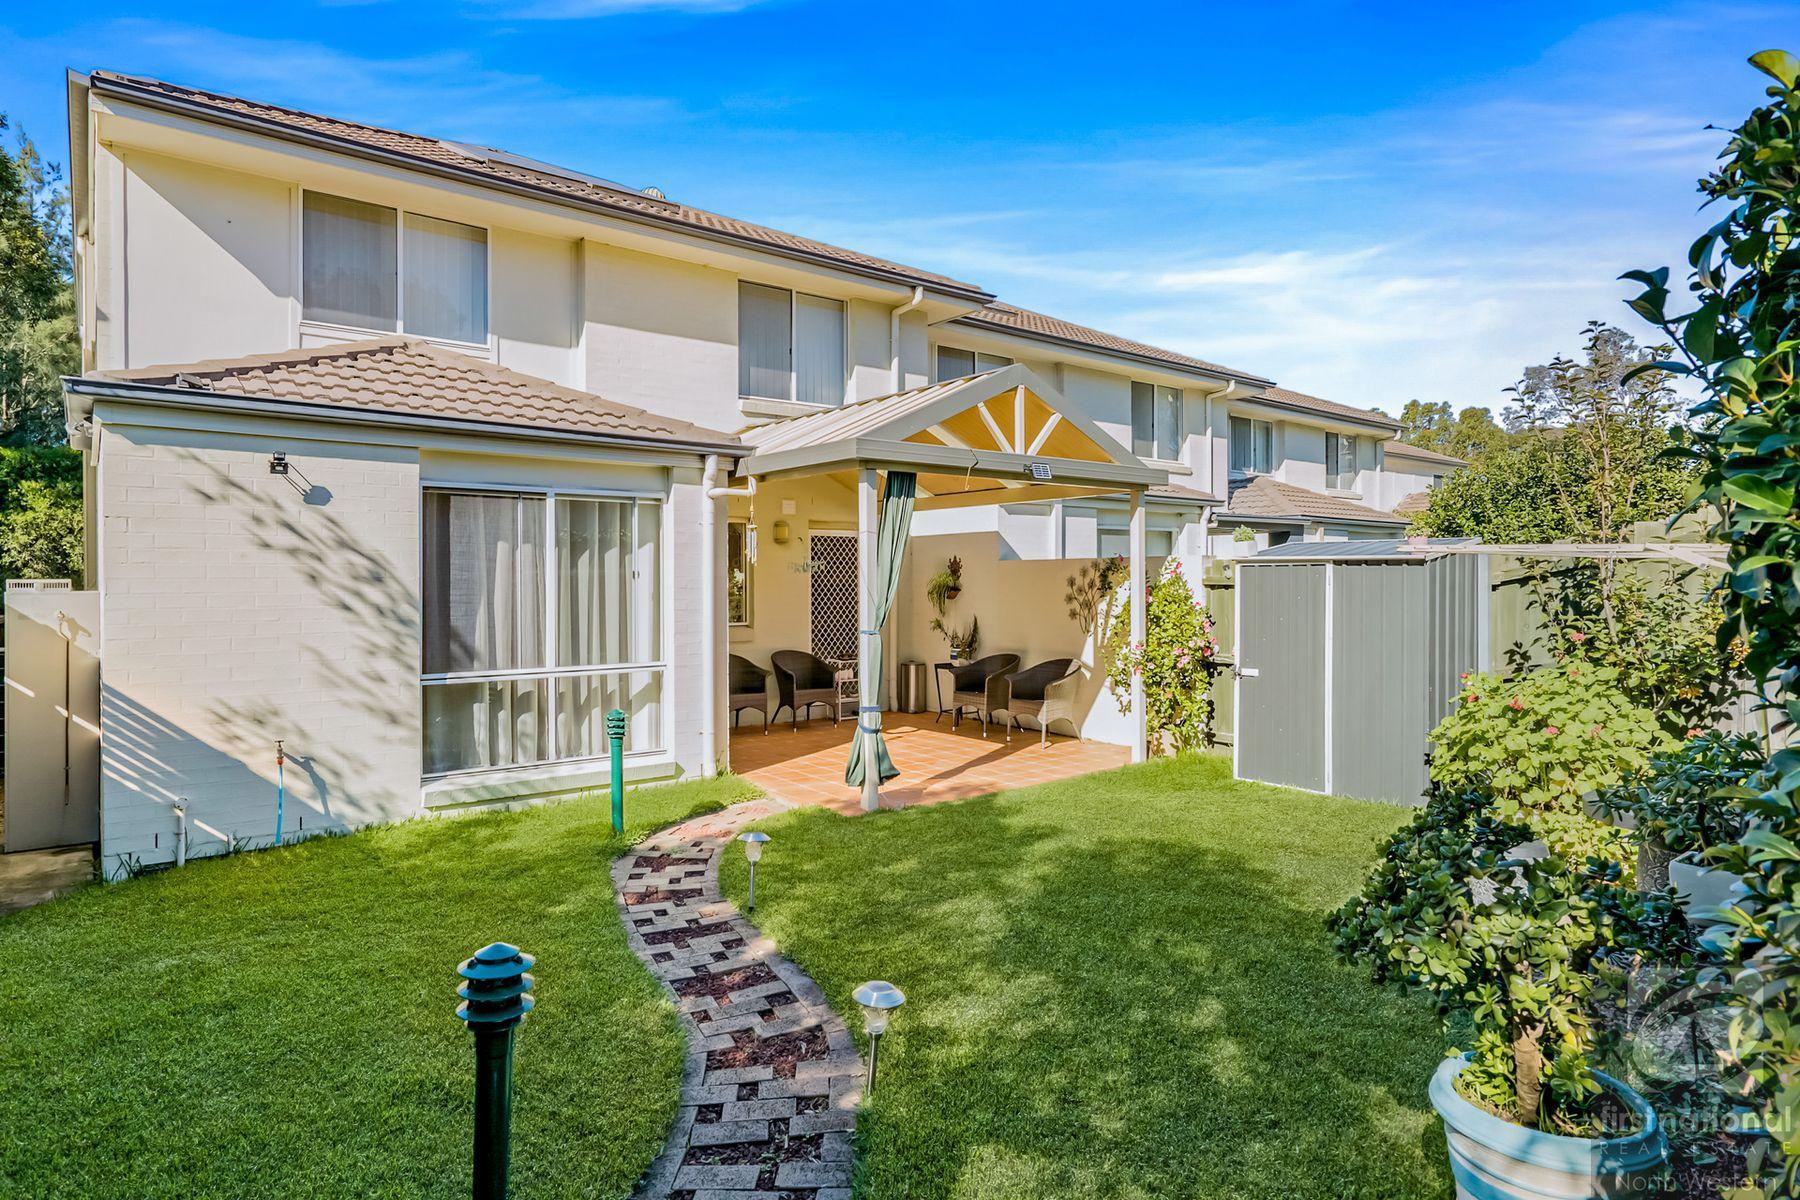 38 Rothbury Terrace, Stanhope Gardens, NSW 2768